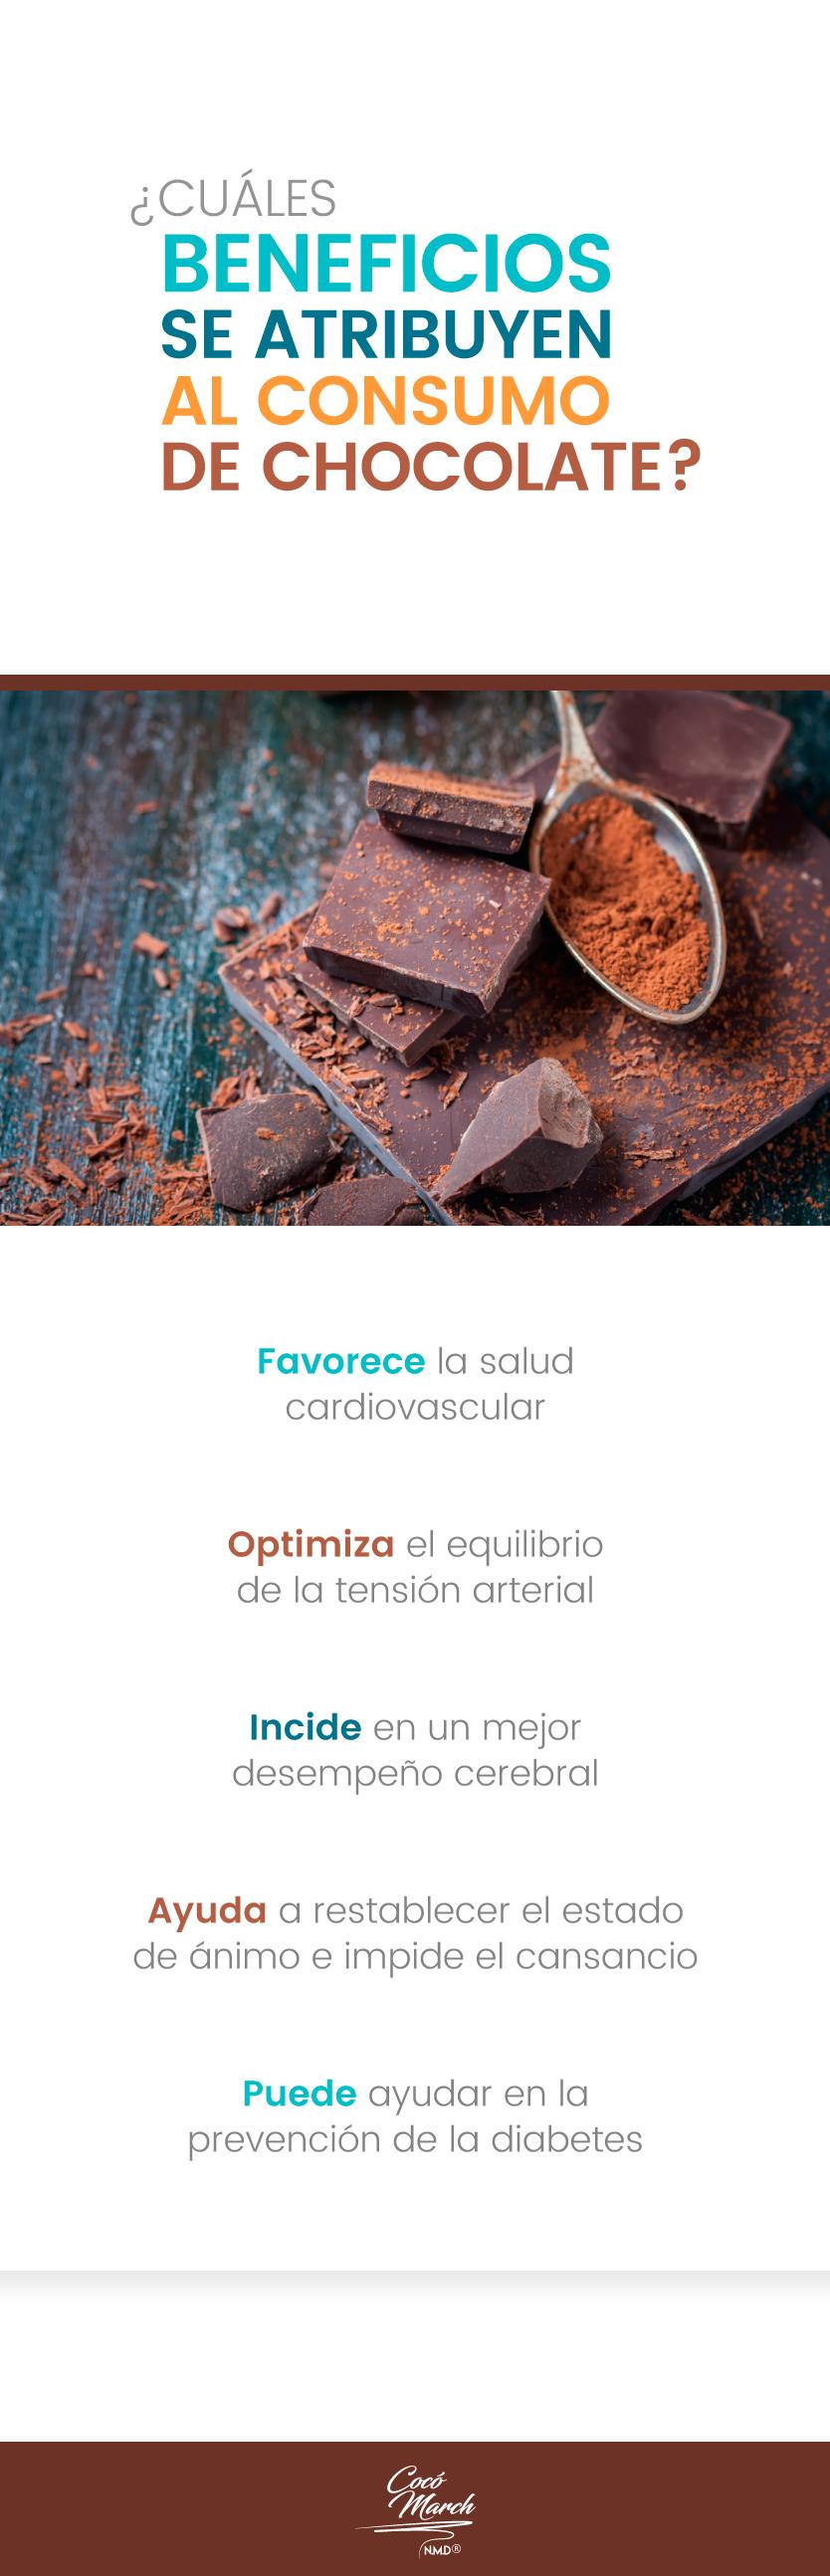 beneficios-del-consumo-de-chocolate